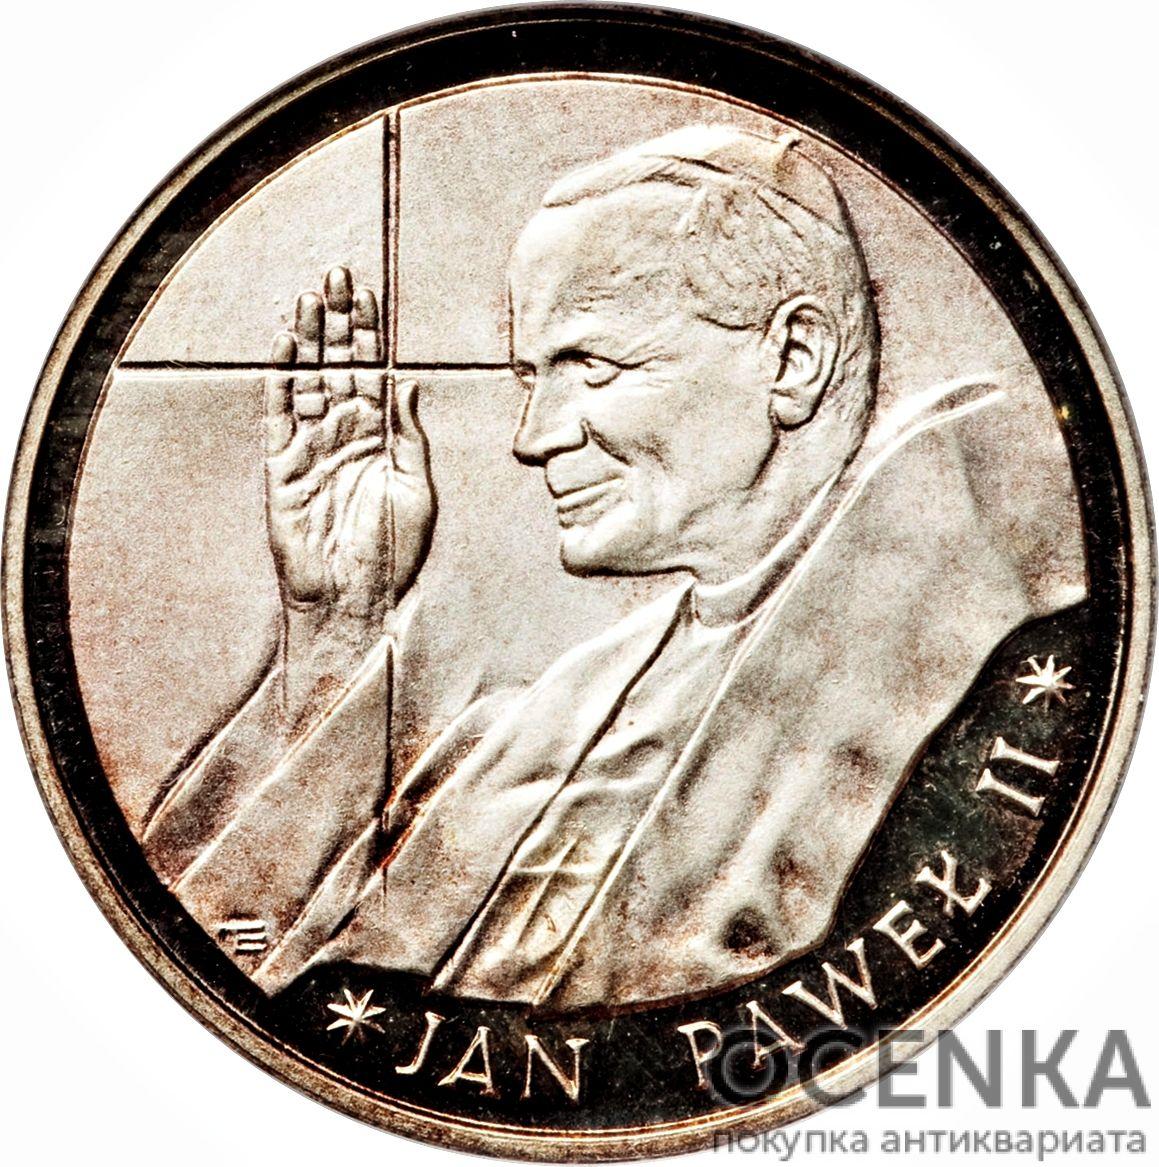 Серебряная монета 10 000 Злотых (10 000 Złotych) Польша - 4